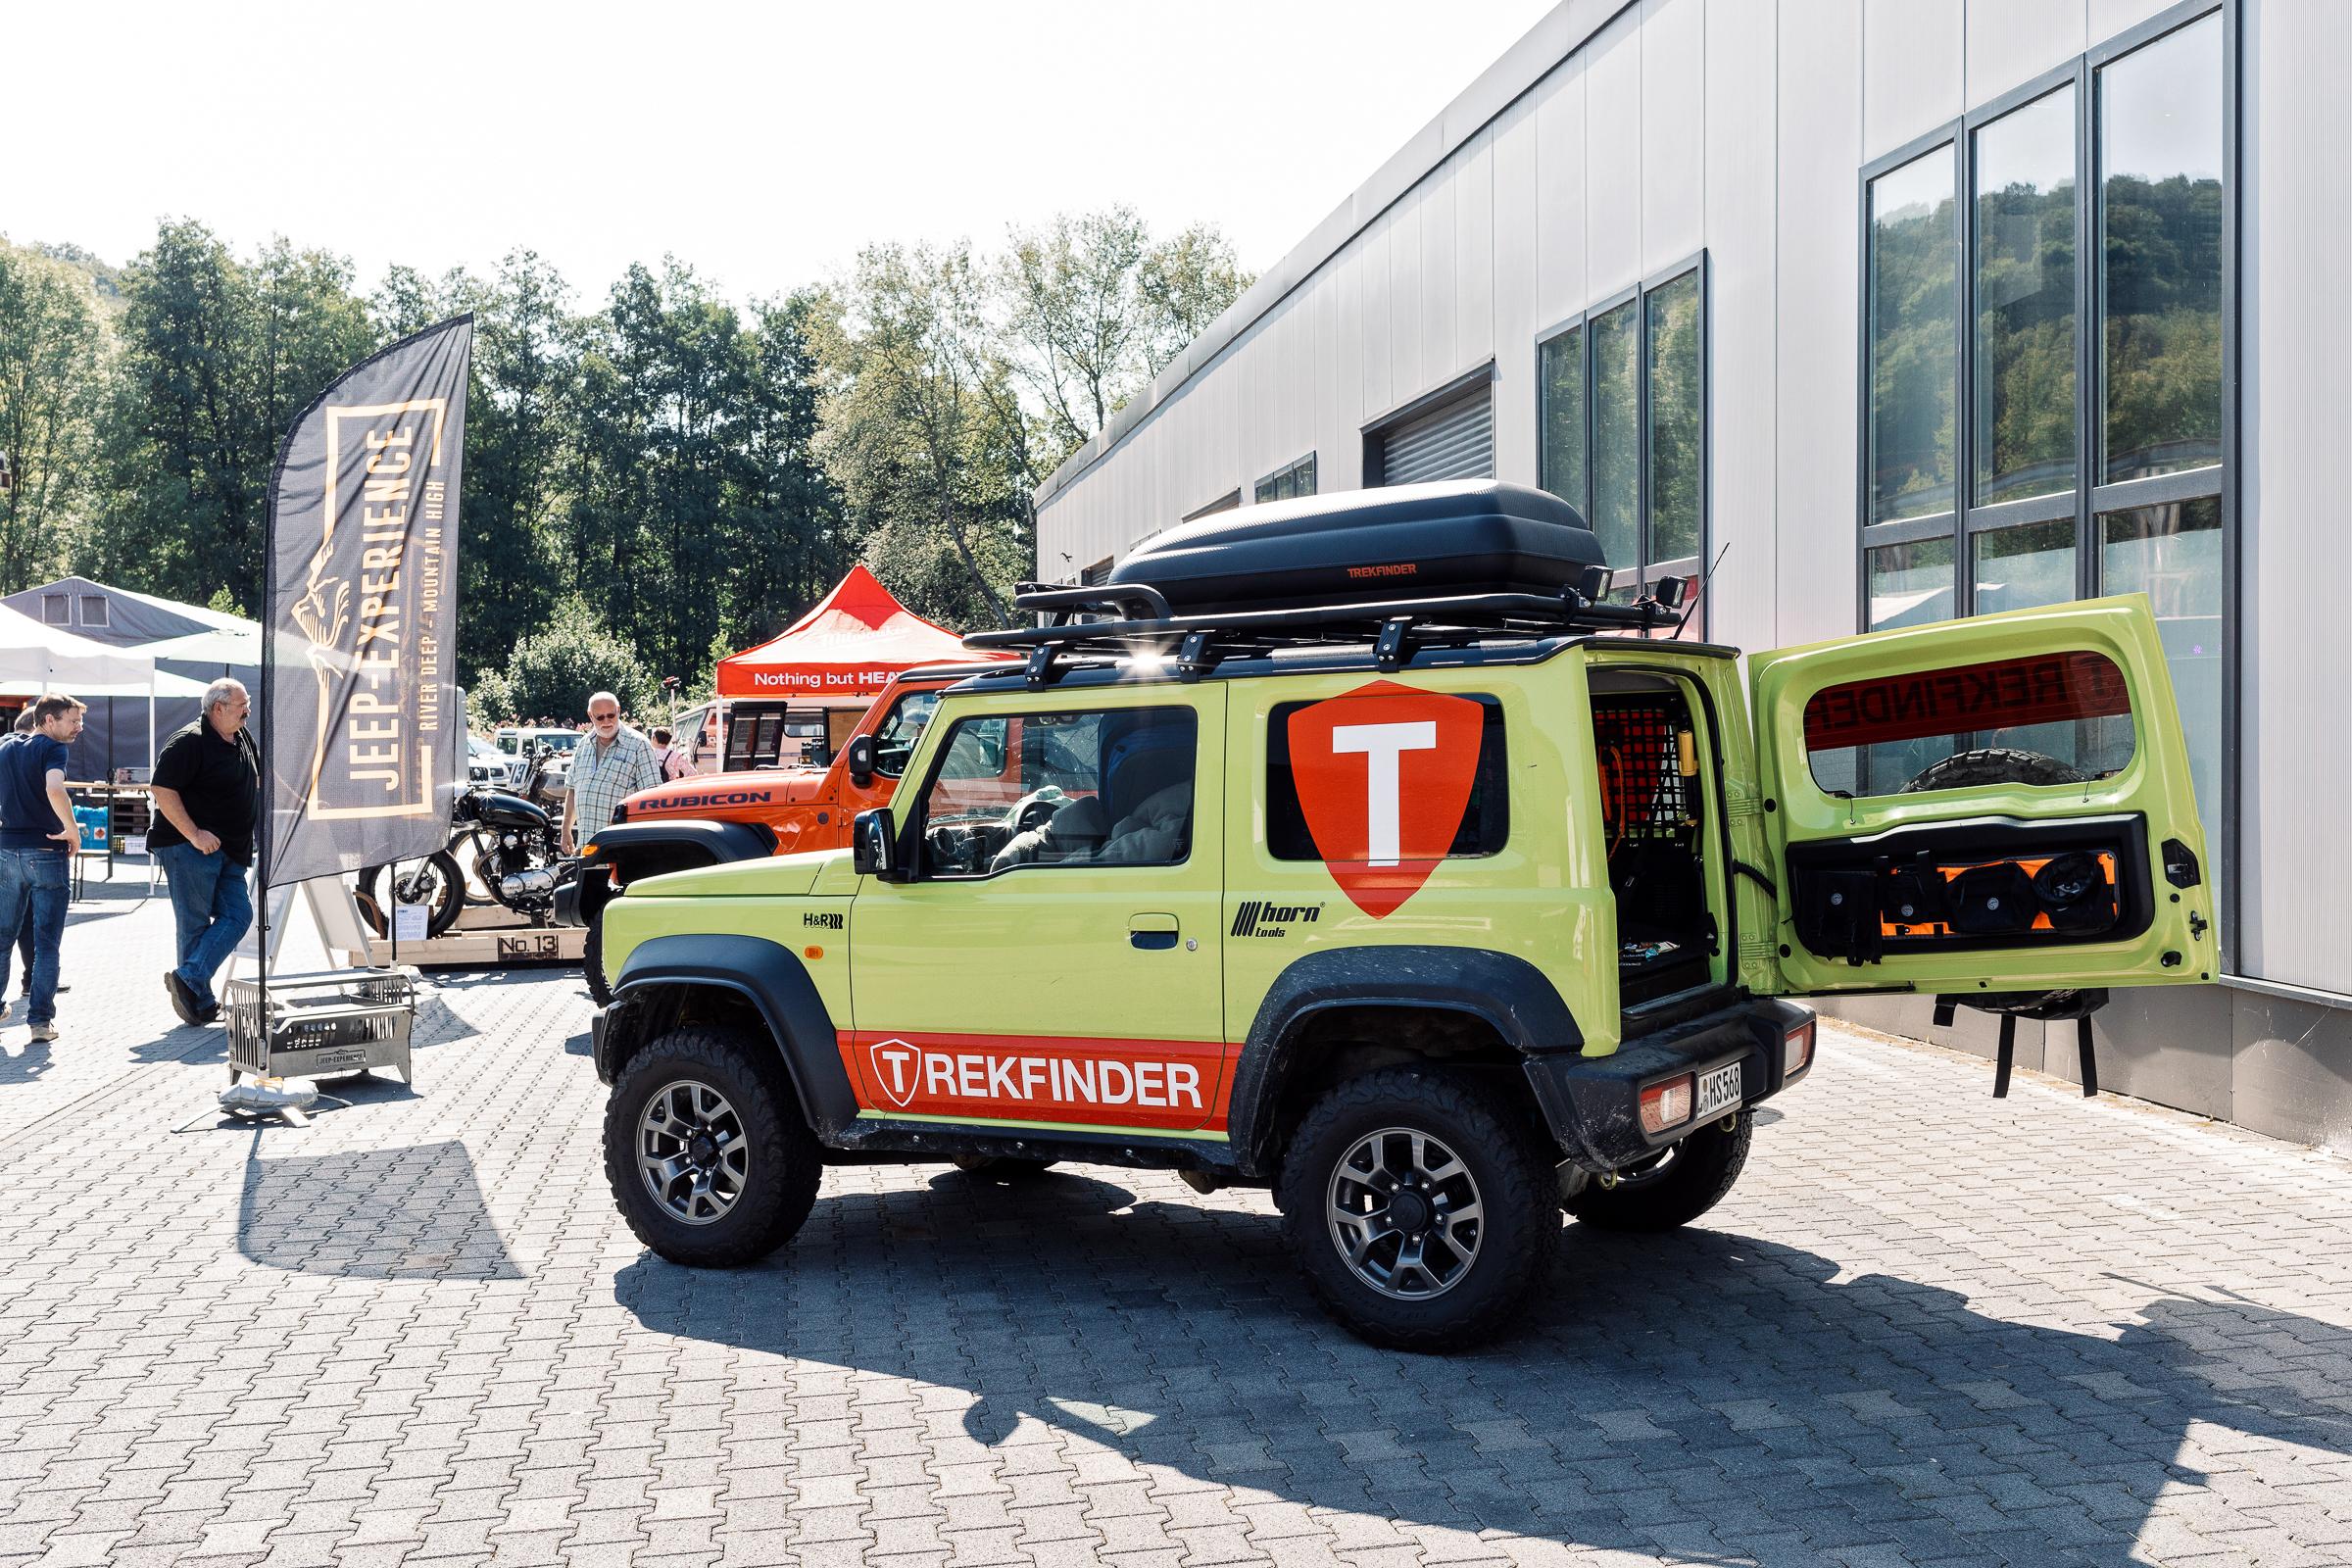 Sommerfest re-suspension 2019 - re-suspension 2019 - Trekfinder war auch dabei.